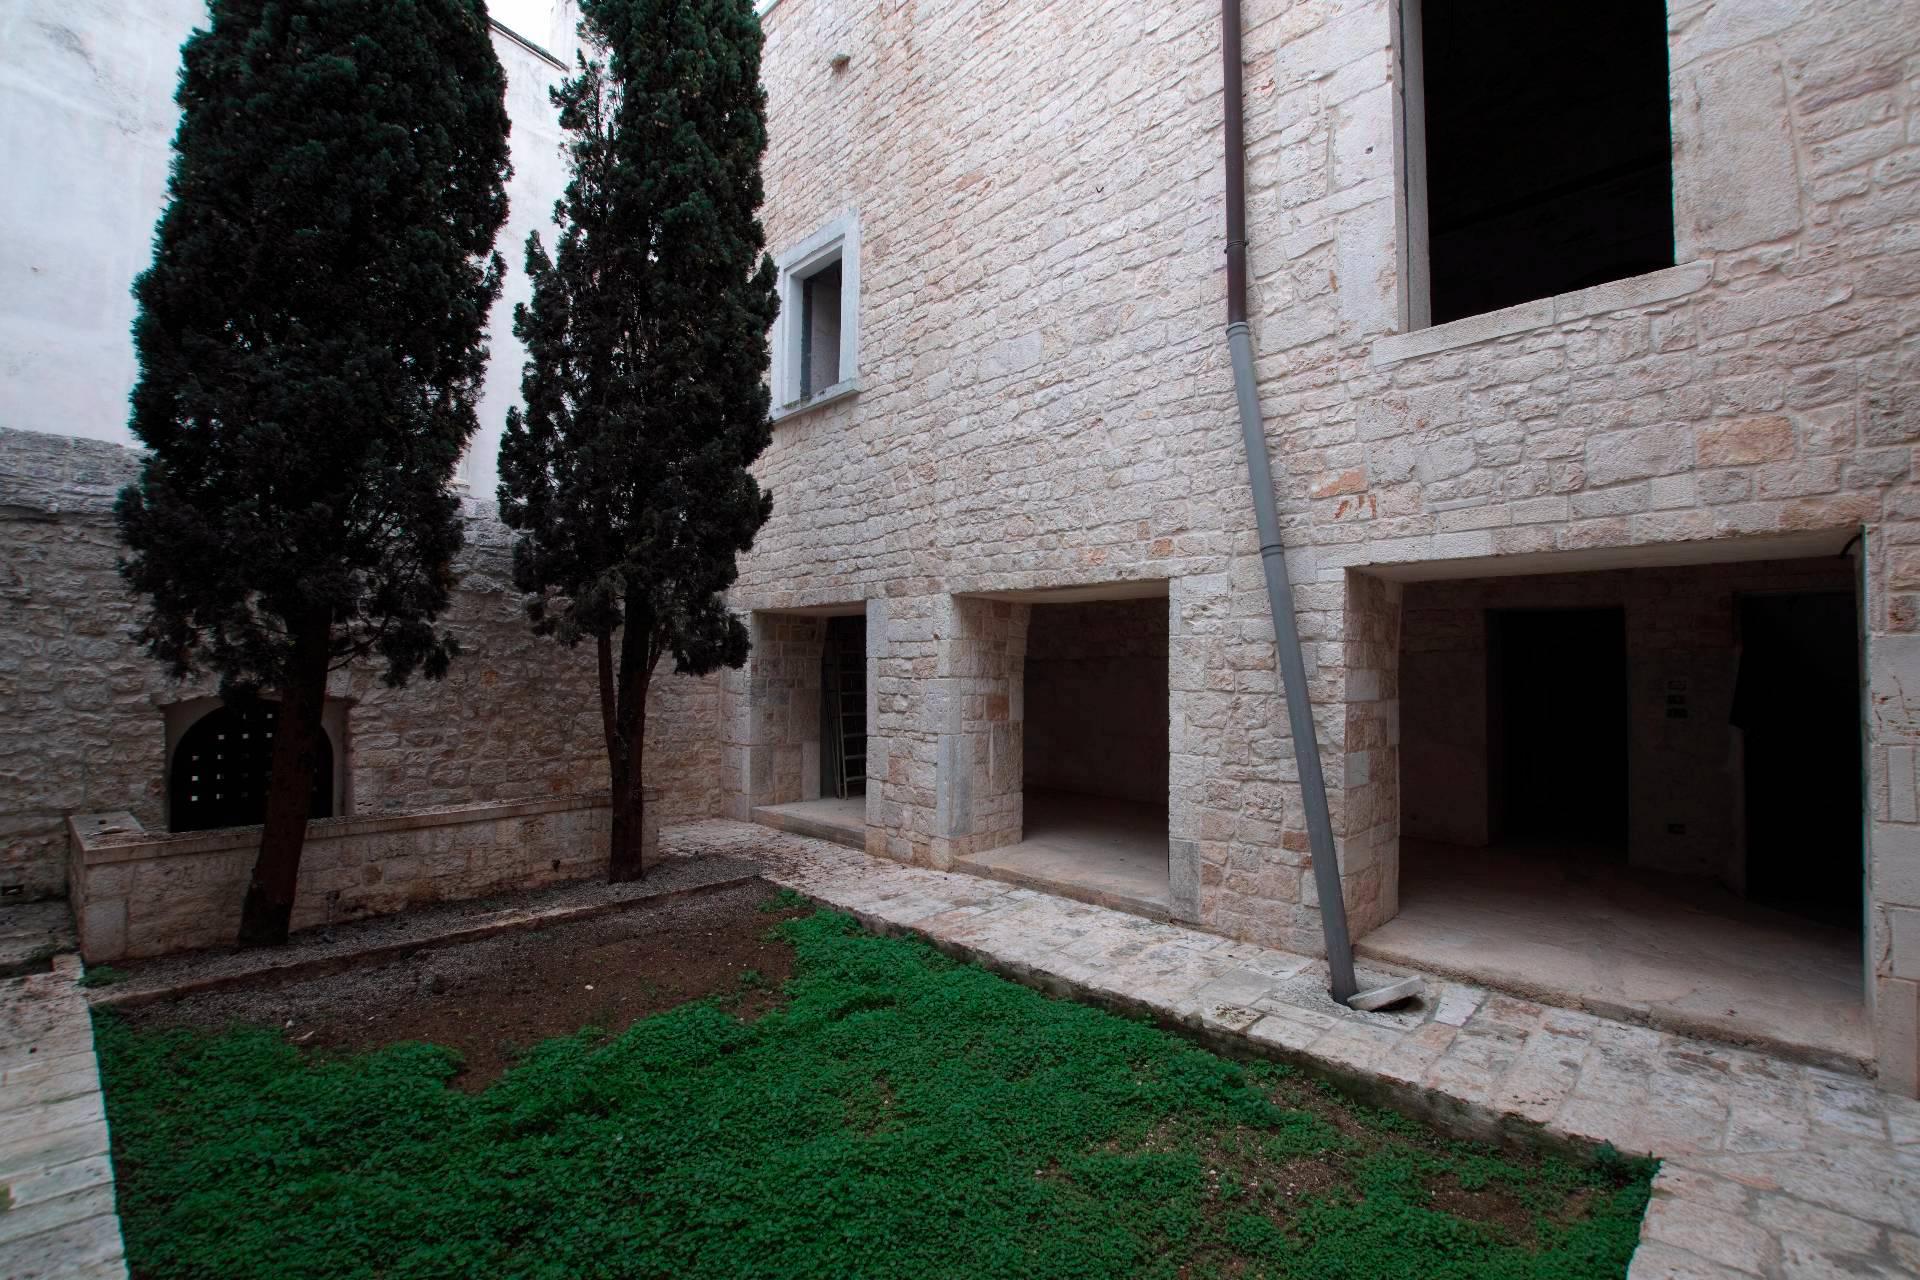 Palazzo / Stabile in vendita a Conversano, 18 locali, prezzo € 1.150.000 | CambioCasa.it